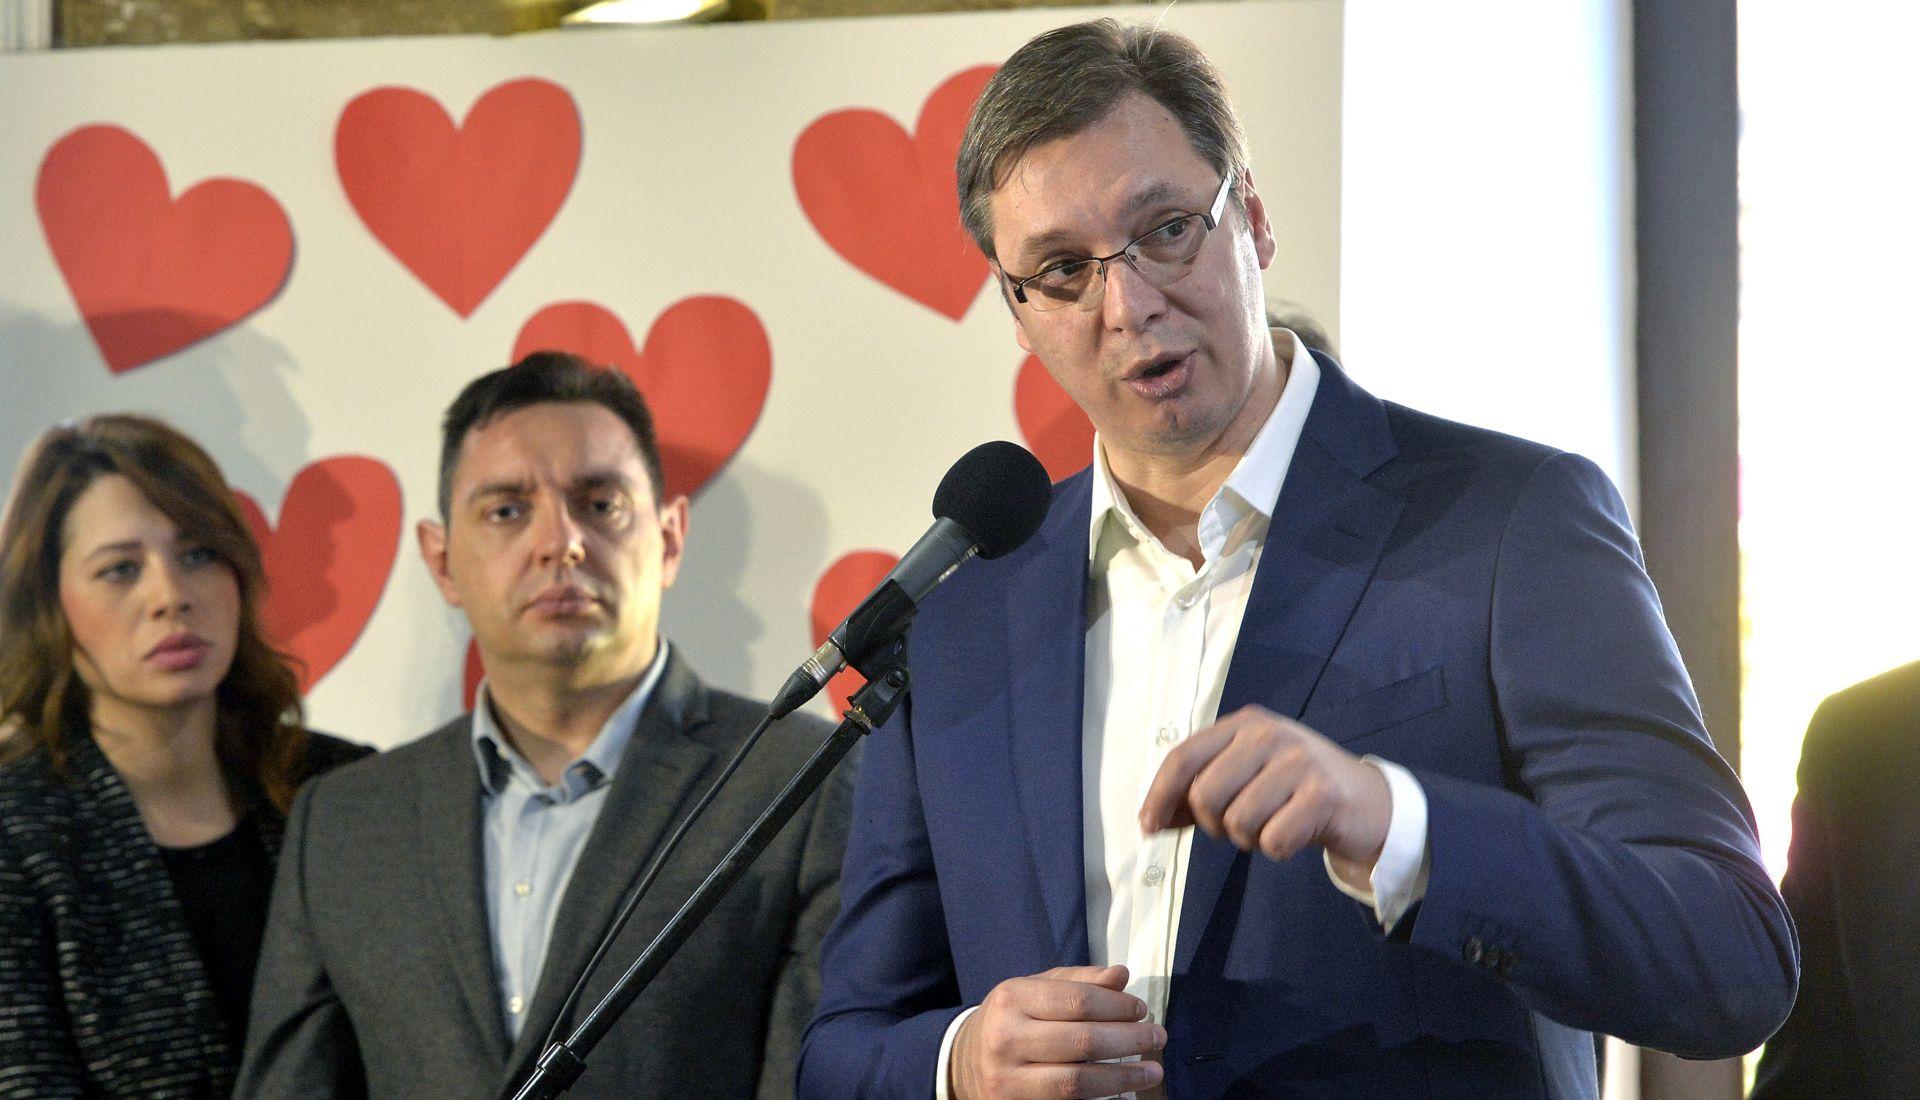 NAKON RAZGOVORA S PUPOVCEM: Vučić zabrinut odnosom prema Srbima u Hrvatskoj